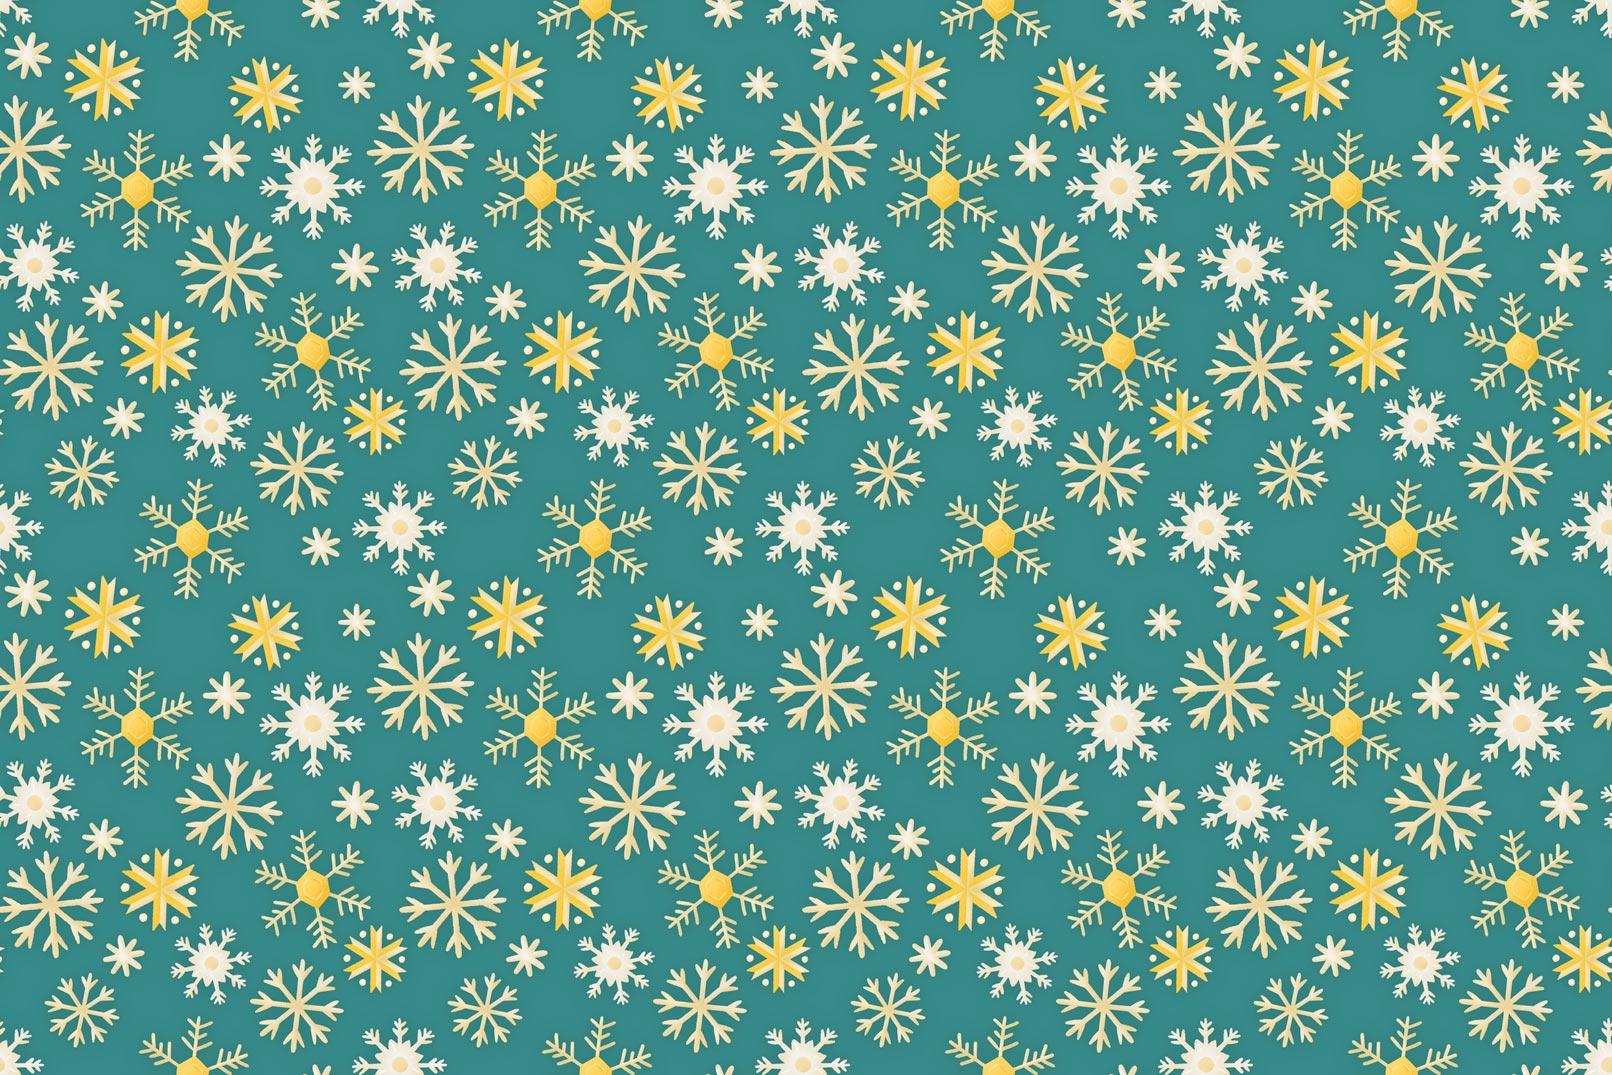 Weihnachtliche Muster und Illustrationen: Schneeflocken vor blauem Hintergrund